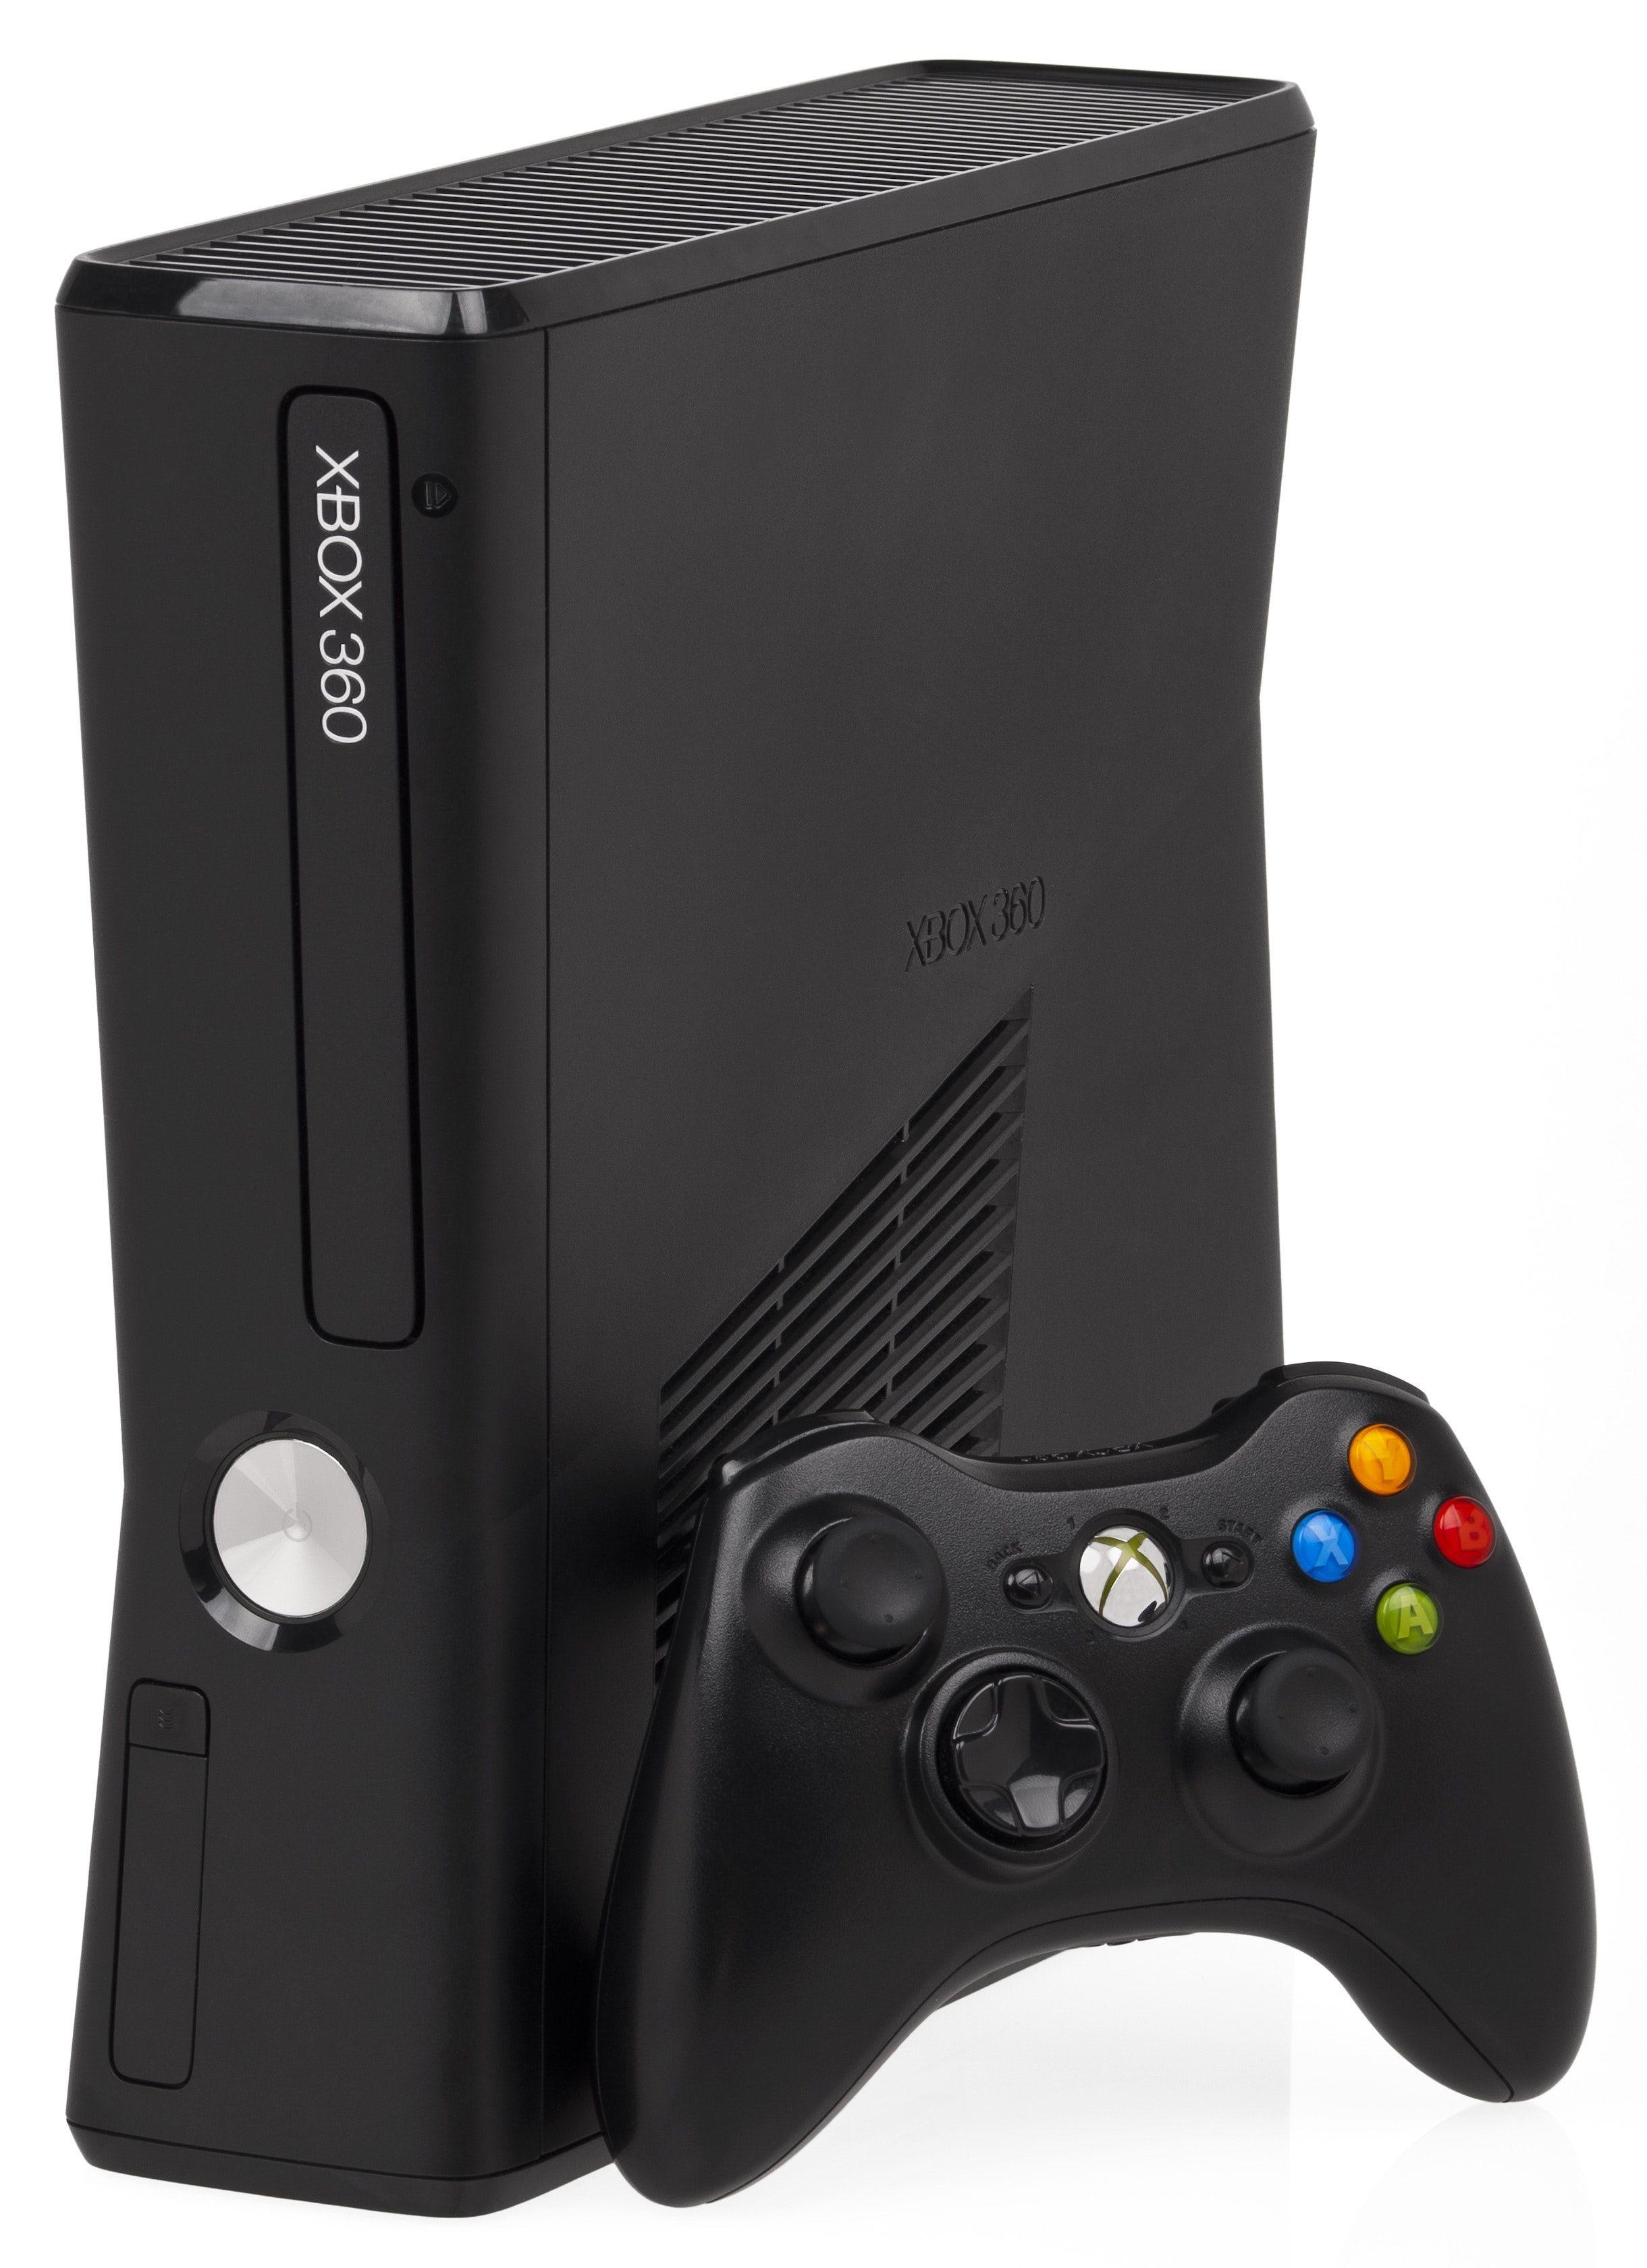 Iznajmljivanje Xbox 360 konzola sa Kinect senzorom Novi Sad